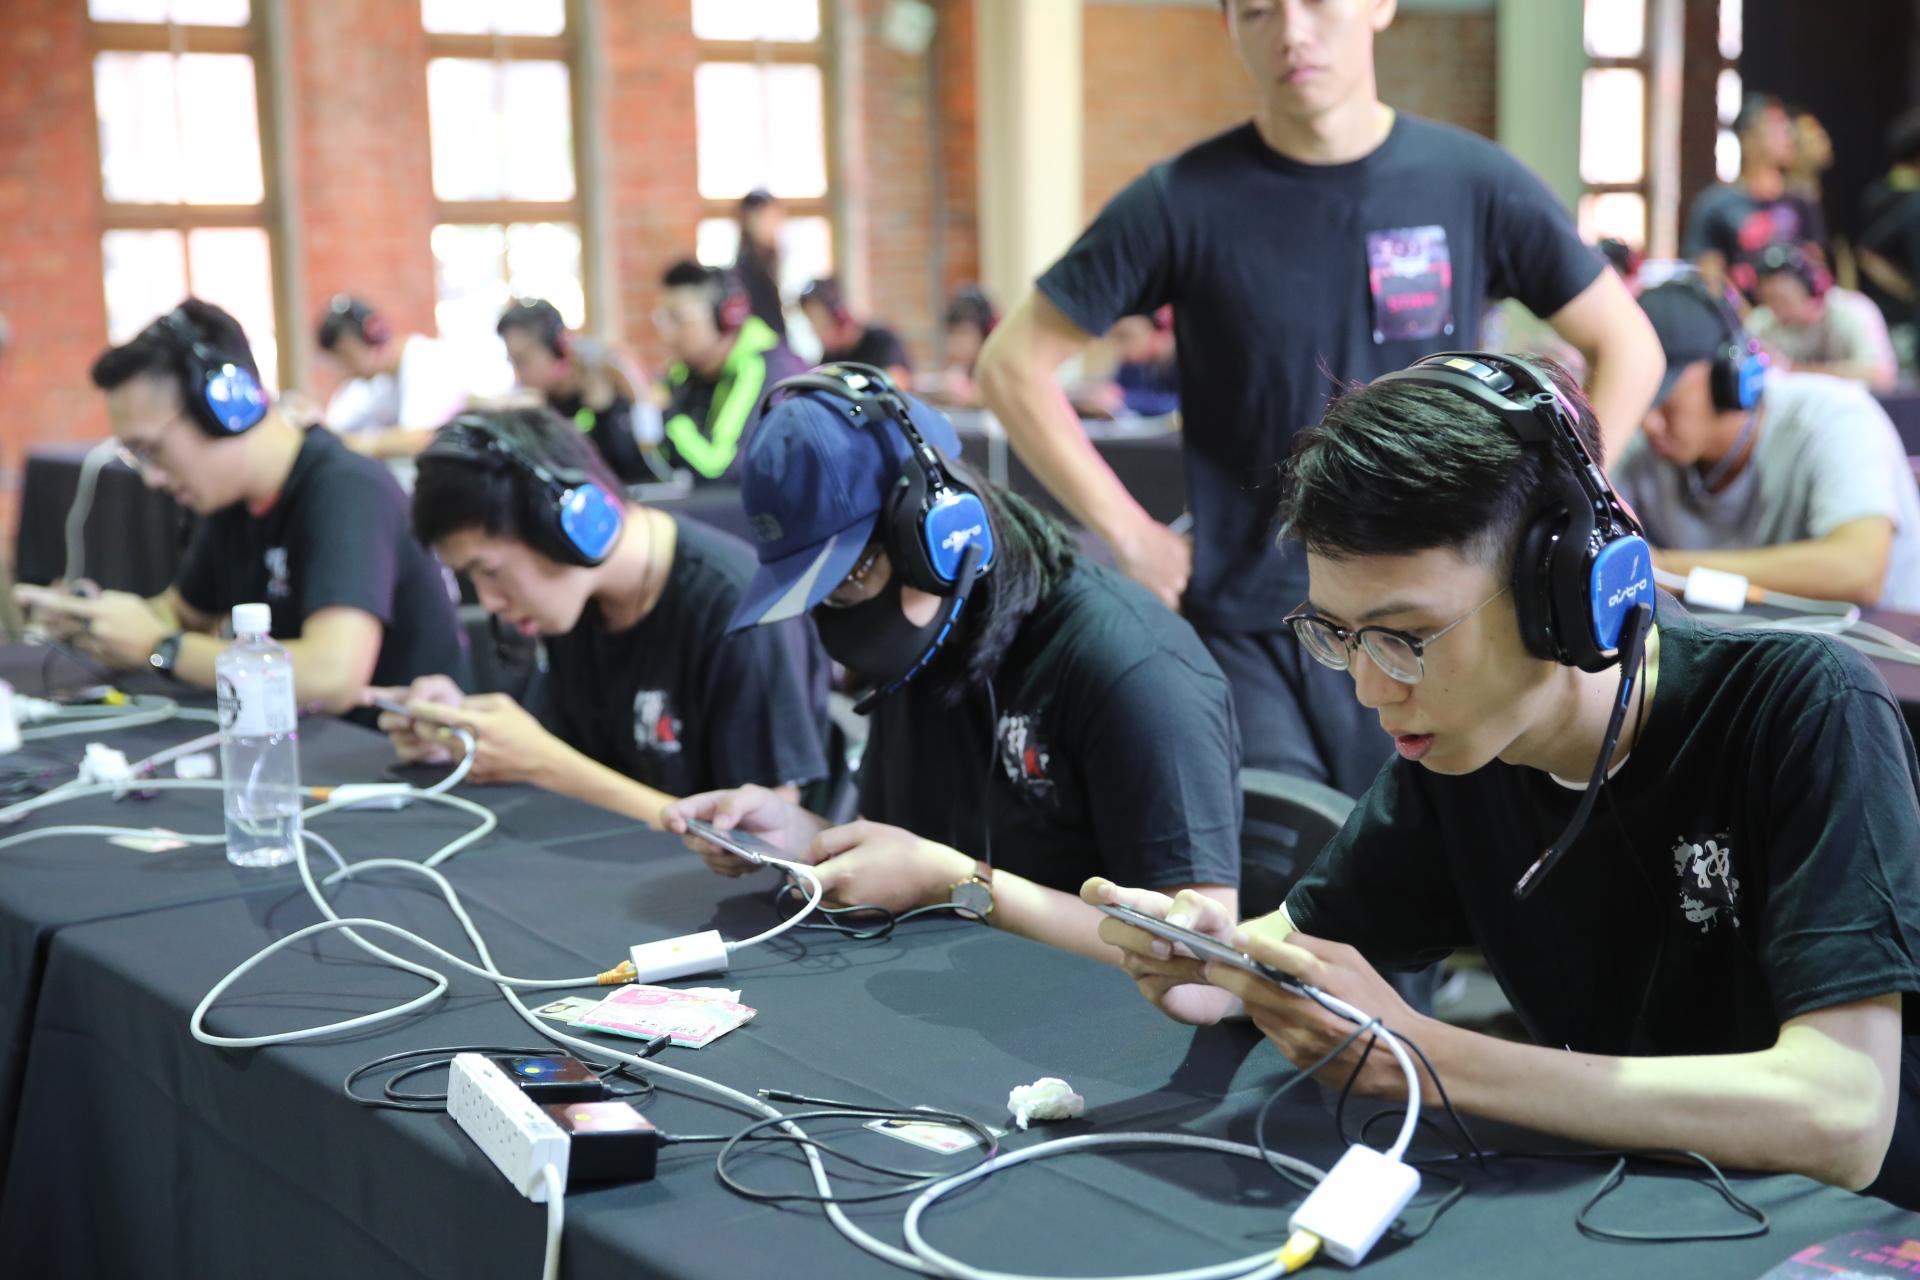 ▲台灣選拔賽在華山文創園區舉辦。現場比賽畫面